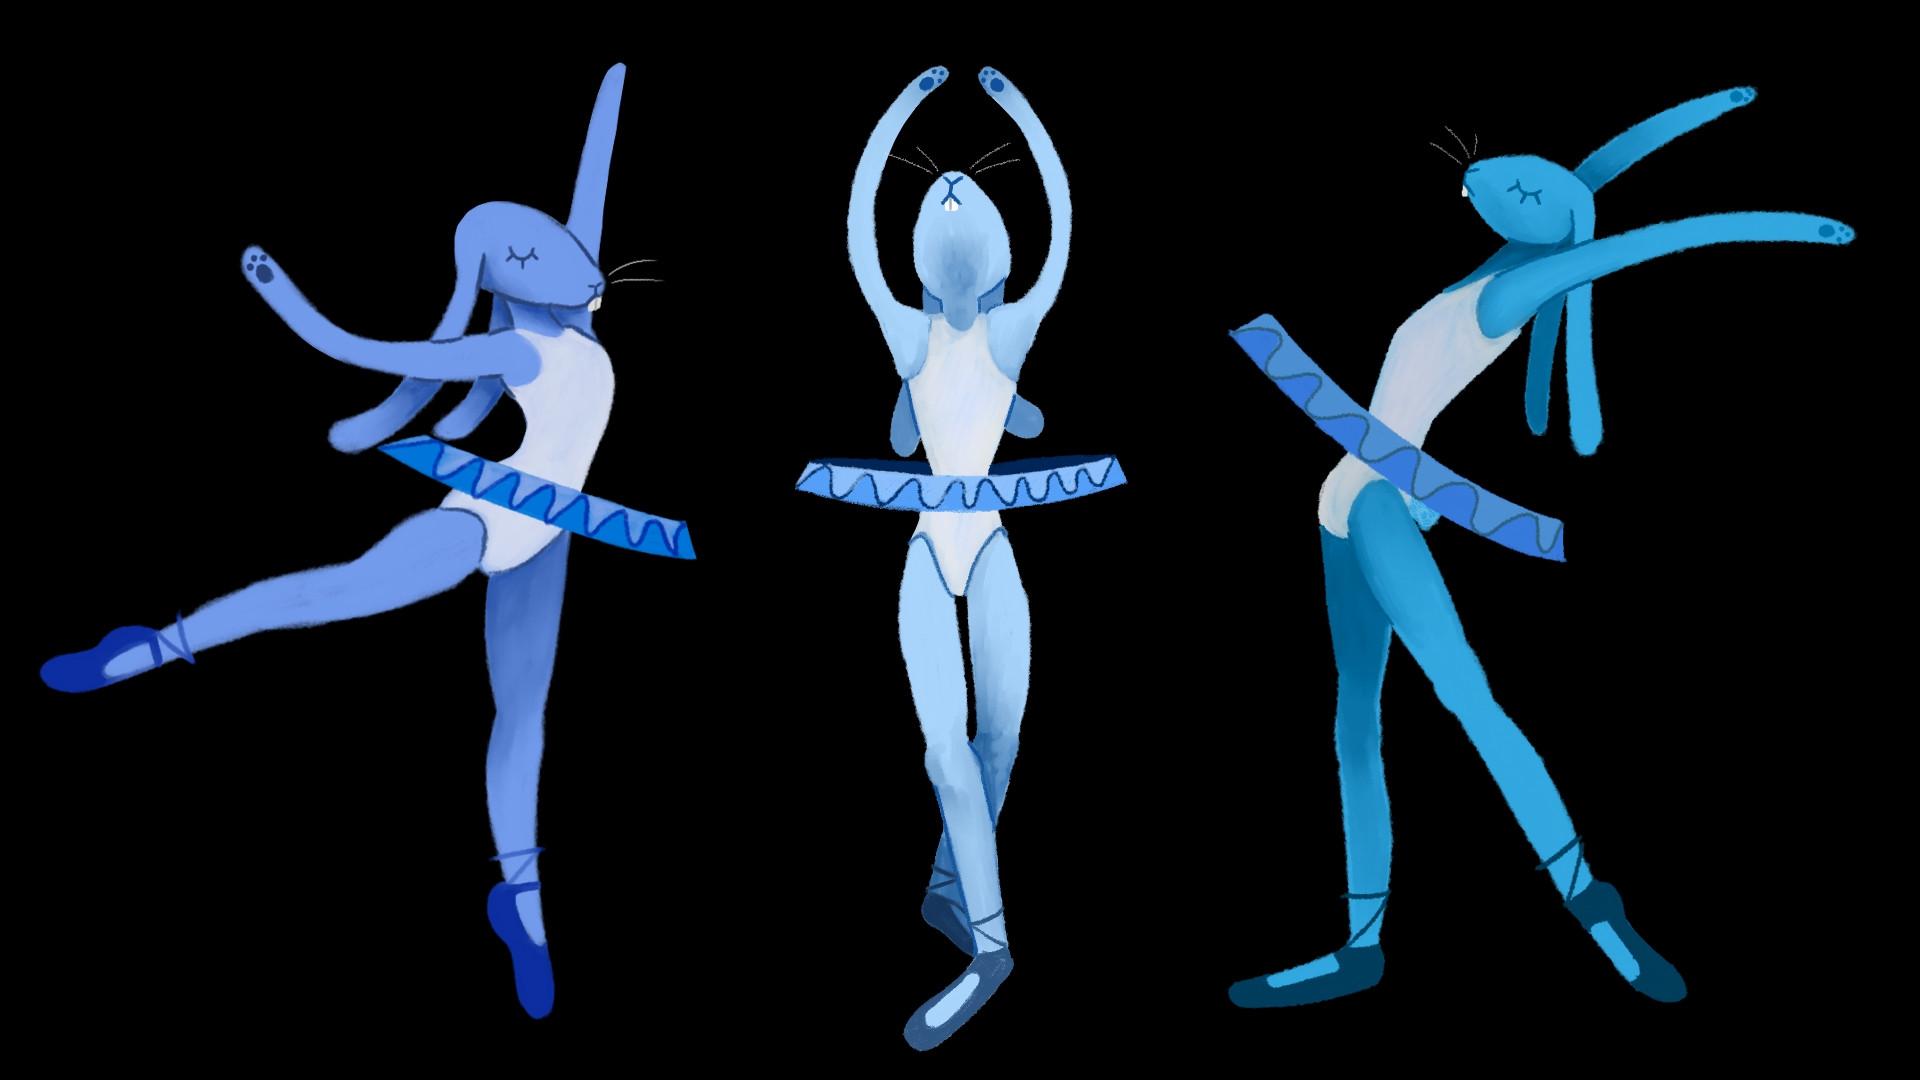 The Blue Bunny Ballerinas!